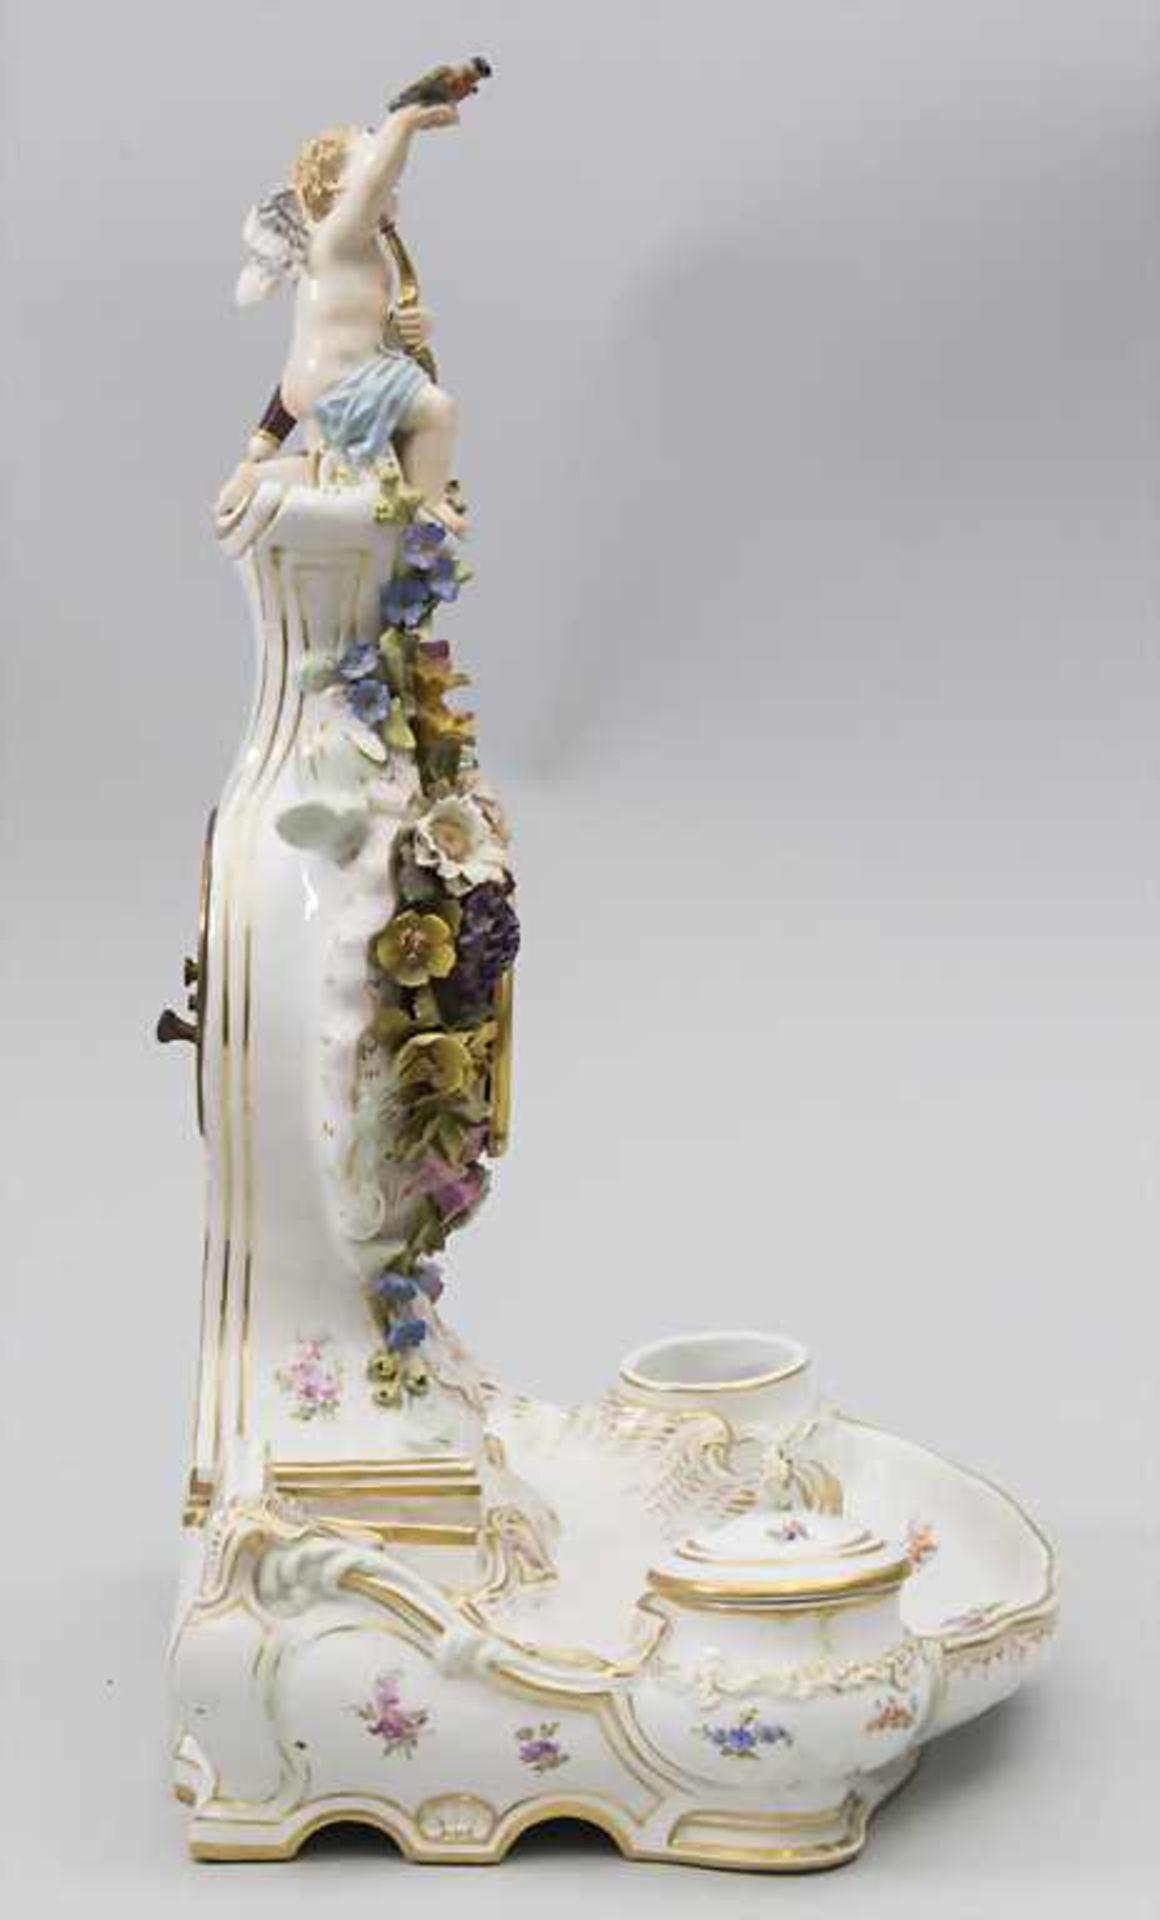 Seltene Tischuhr mit integriertem Schreibset / A rare porcelain table clock with integrated - Bild 14 aus 16